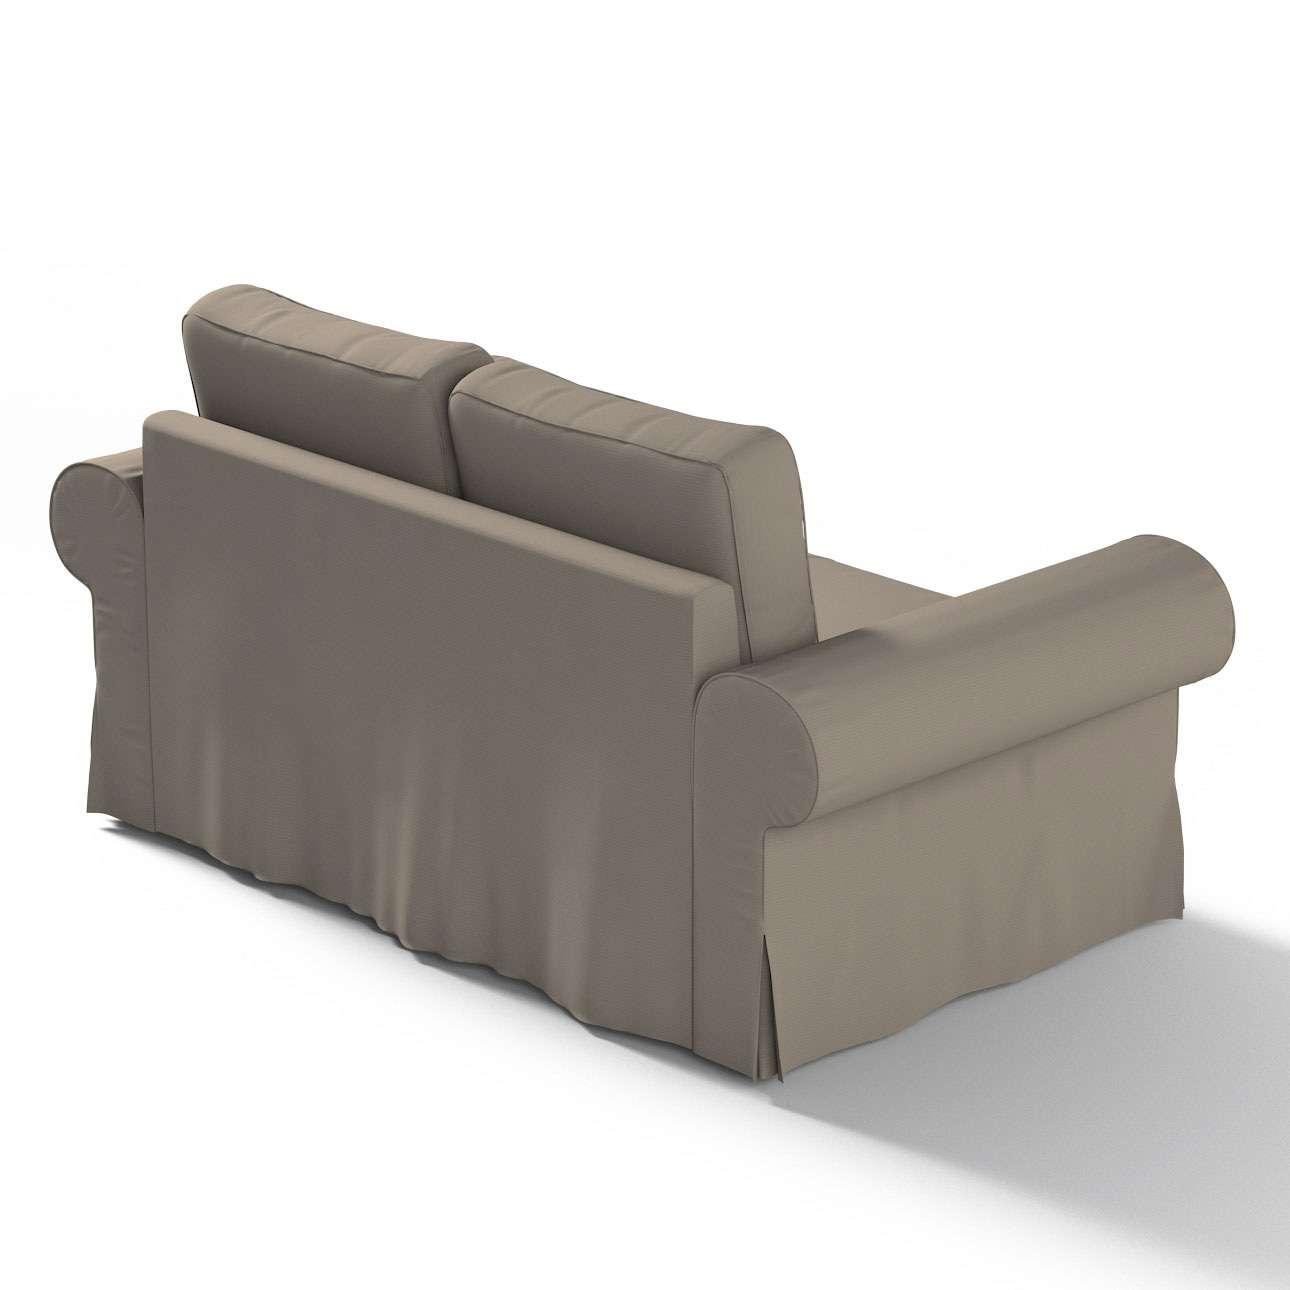 Bezug für Backabro 2-Sitzer Sofa ausklappbar von der Kollektion Cotton Panama, Stoff: 702-28